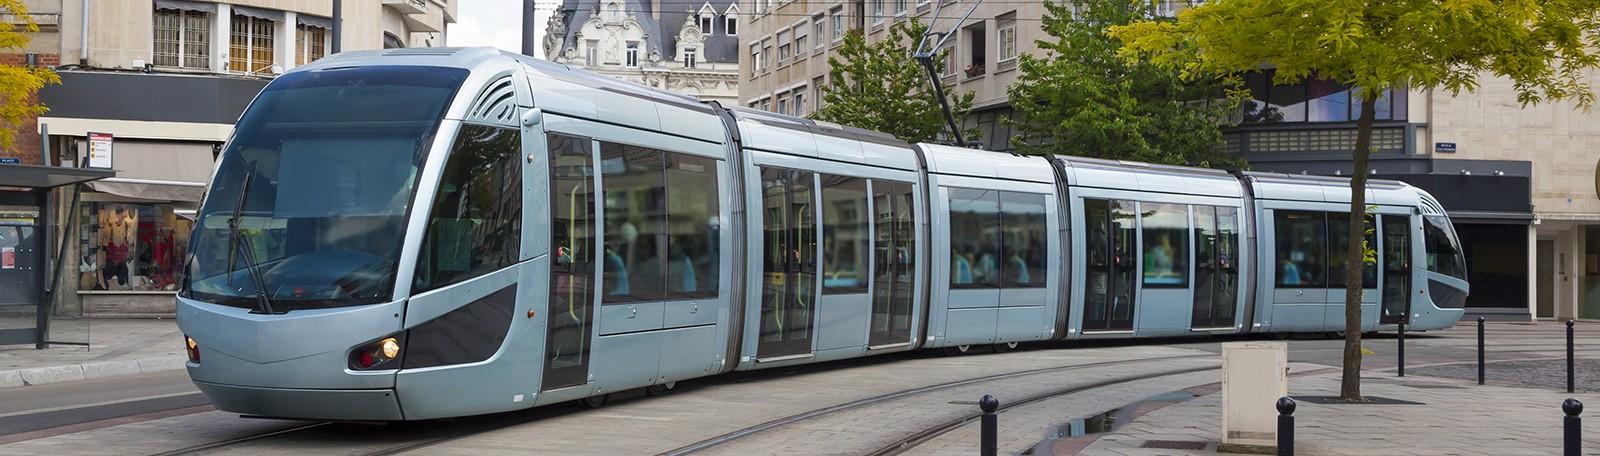 Q-Park Maternité Monaco - Avenue de Monaco 59300 Valenciennes